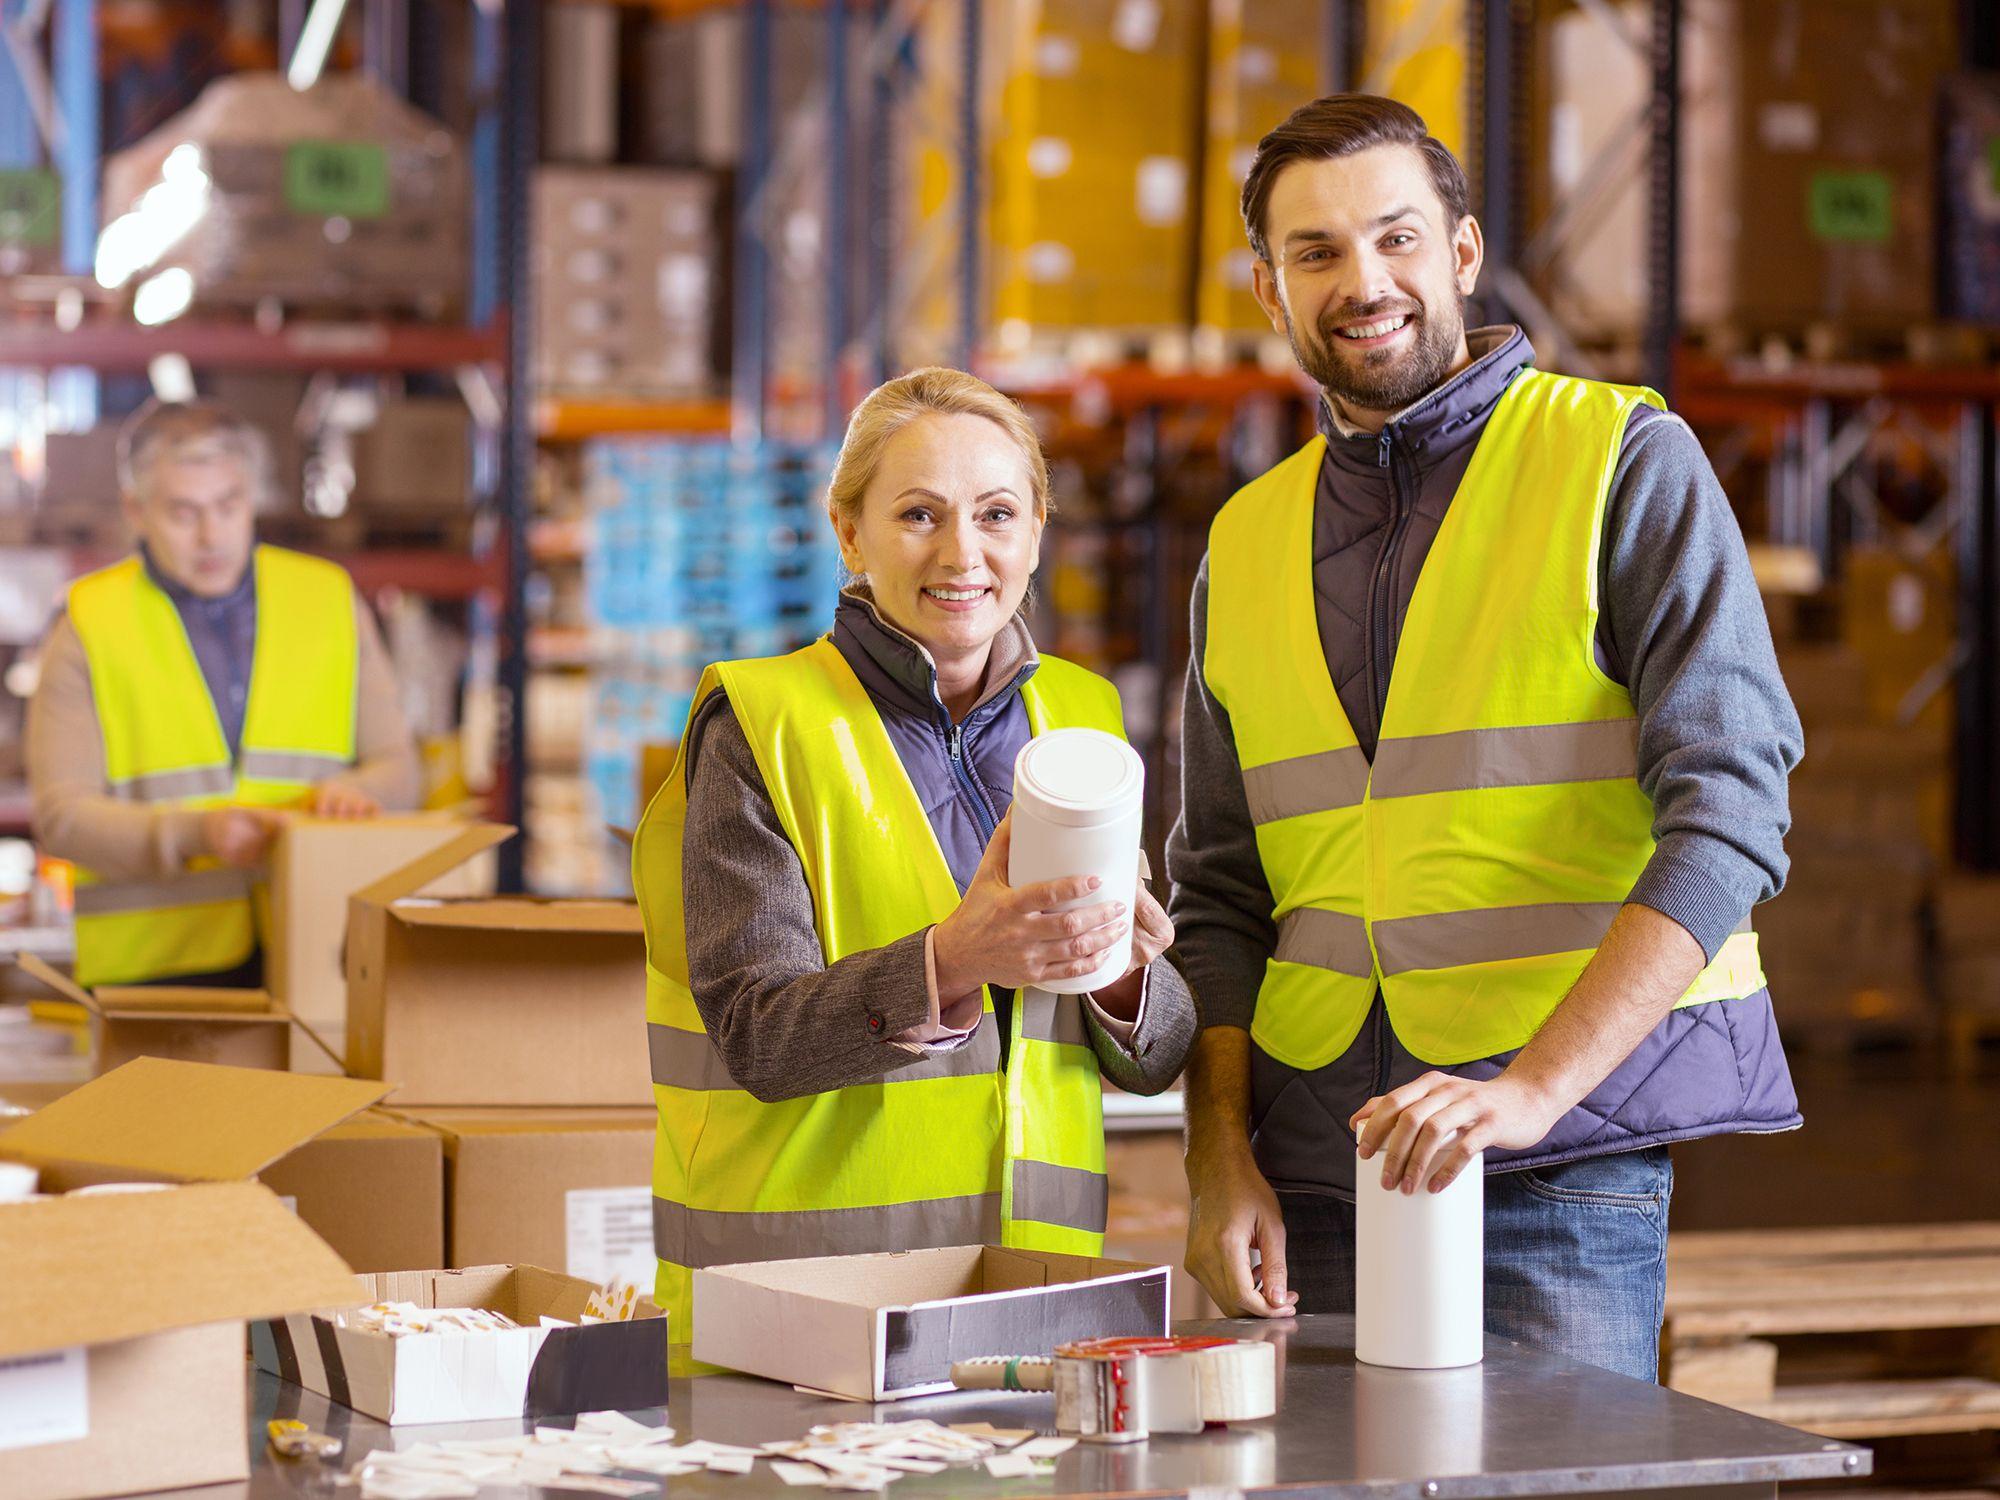 Level 3 - Lagerhelfer, Lageraushilfen, Aushilfen, Helfer, Elektrohelfer, Fachhelfer, Hilfsarbeiter, Inventurhelfer, Kommissionierer, Lagerarbeiter, Lagerfacharbeiter, Lagerhilfen, Lageristen, Lagermitarbeiter, Maschinenbediener, Produktionshelfer, Produktionsmitarbeiter, Schlosserhelfer, Verpacker, Versandmitarbeiter, Leiharbeiter, Zeitarbeiter, Leiharbeitnehmer, Leihkraft, Temporärarbeiter für Lager, Spedition, Logistik, Logistikzentrum, Ladung, Luftfracht, Transportunternehmen, Speditionsversand, Lagerlogistik, Fuhrunternehmen, Materialfluss, Distributionslogistik, Fracht, Sperrgut, Transport, Expressdienst, Transportdienst, Warentransport, Speditionsfirmen, Speditionsunternehmen, Transportwesen, Seefracht, Lagerhallen und Lagerarbeit bei uns als Personalagentur, Zeitarbeitsfirma, Zeitarbeitsunternehmen, Personal-Service-Agentur, Personaldienstleistungsagentur und Leiharbeitsfirma per Arbeitnehmer-Leasing, Arbeitnehmerüberlassung, Arbeitskräfte-Leasing, Arbeitskräfteüberlassung, Arbeitskraftüberlassung, Leiharbeit, Mitarbeiter-Leasing, Mitarbeiterleasing, Mitarbeiterüberlassung, Personaldienstleistung, Personalleasing, Personalüberlassung, Temporärarbeit, Zeitarbeit buchen, mieten, leihen oder langfristig neue Mitarbeiter für Jobs wie Lagerjobs, Lager Jobs, Schülerjobs, Ferienjobs, Aushilfsjobs, Studentenjobs, Werkstudentenjobs, Saisonjobs, Vollzeit Jobs, Teilzeit Jobs, Nebenjobs, Temporär Jobs, Gelegenheitsjobs per Personalvermittlung suchen, finden und vermittelt bekommen.